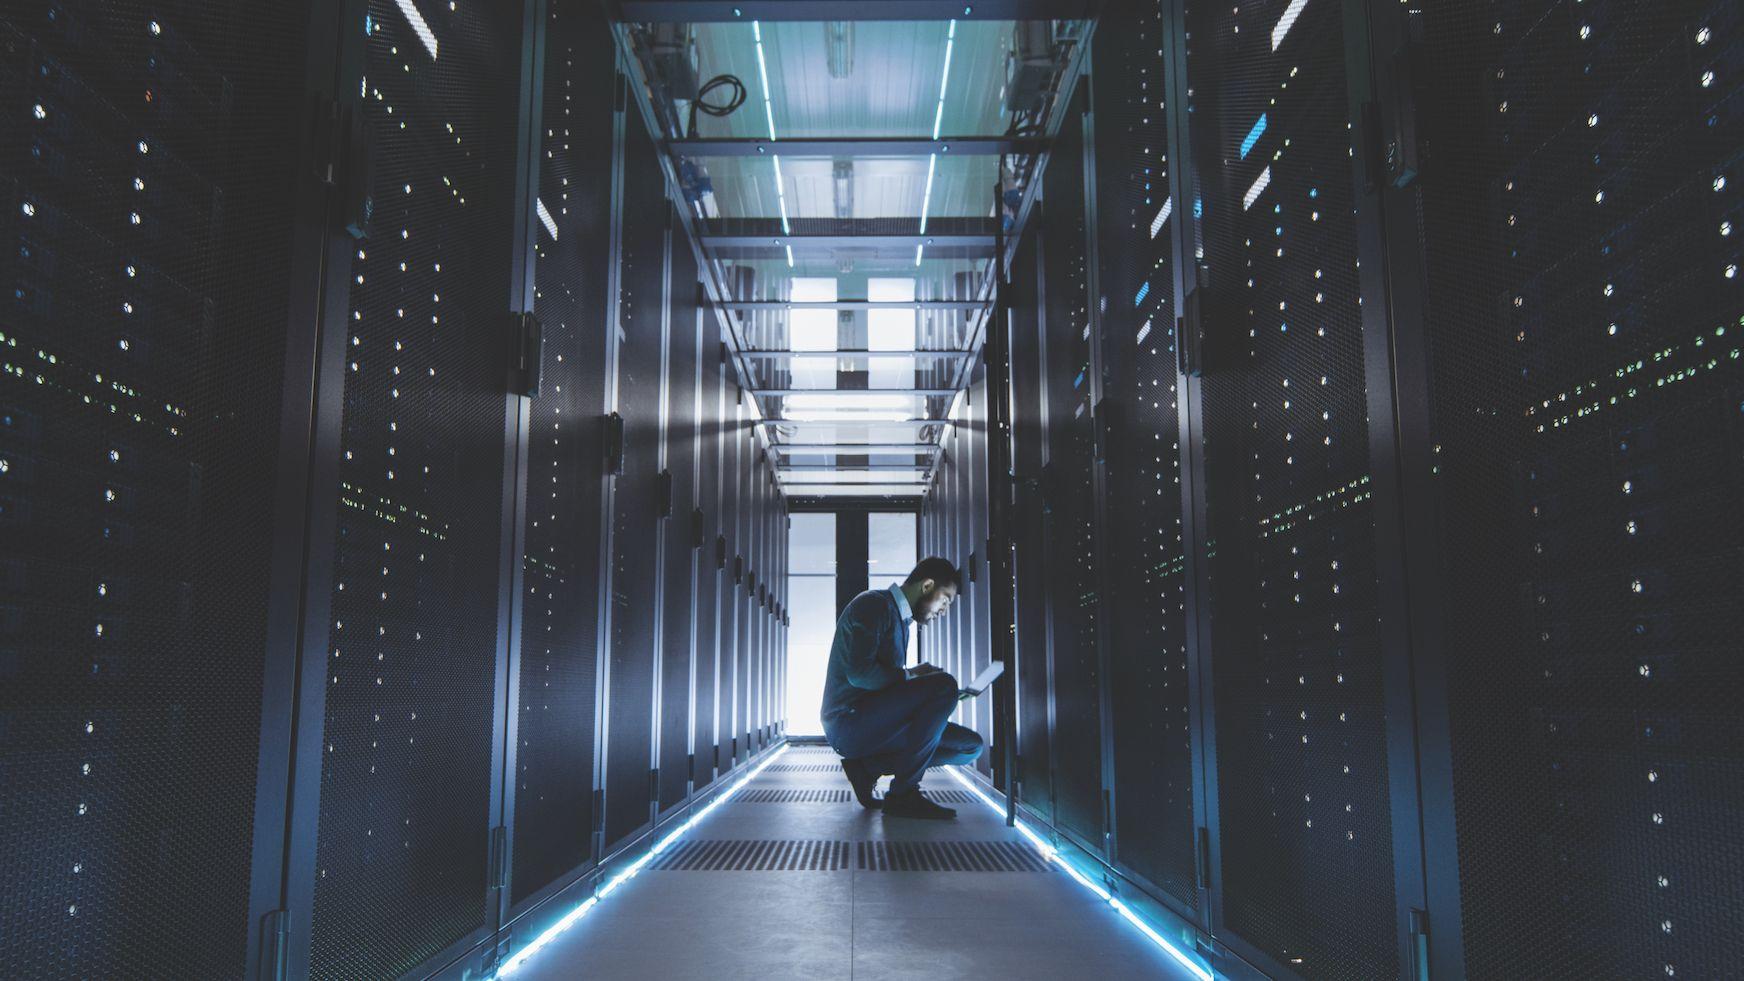 Оптические кабели в ЦОД: где и как надо тестировать ВОЛС в дата-центре?